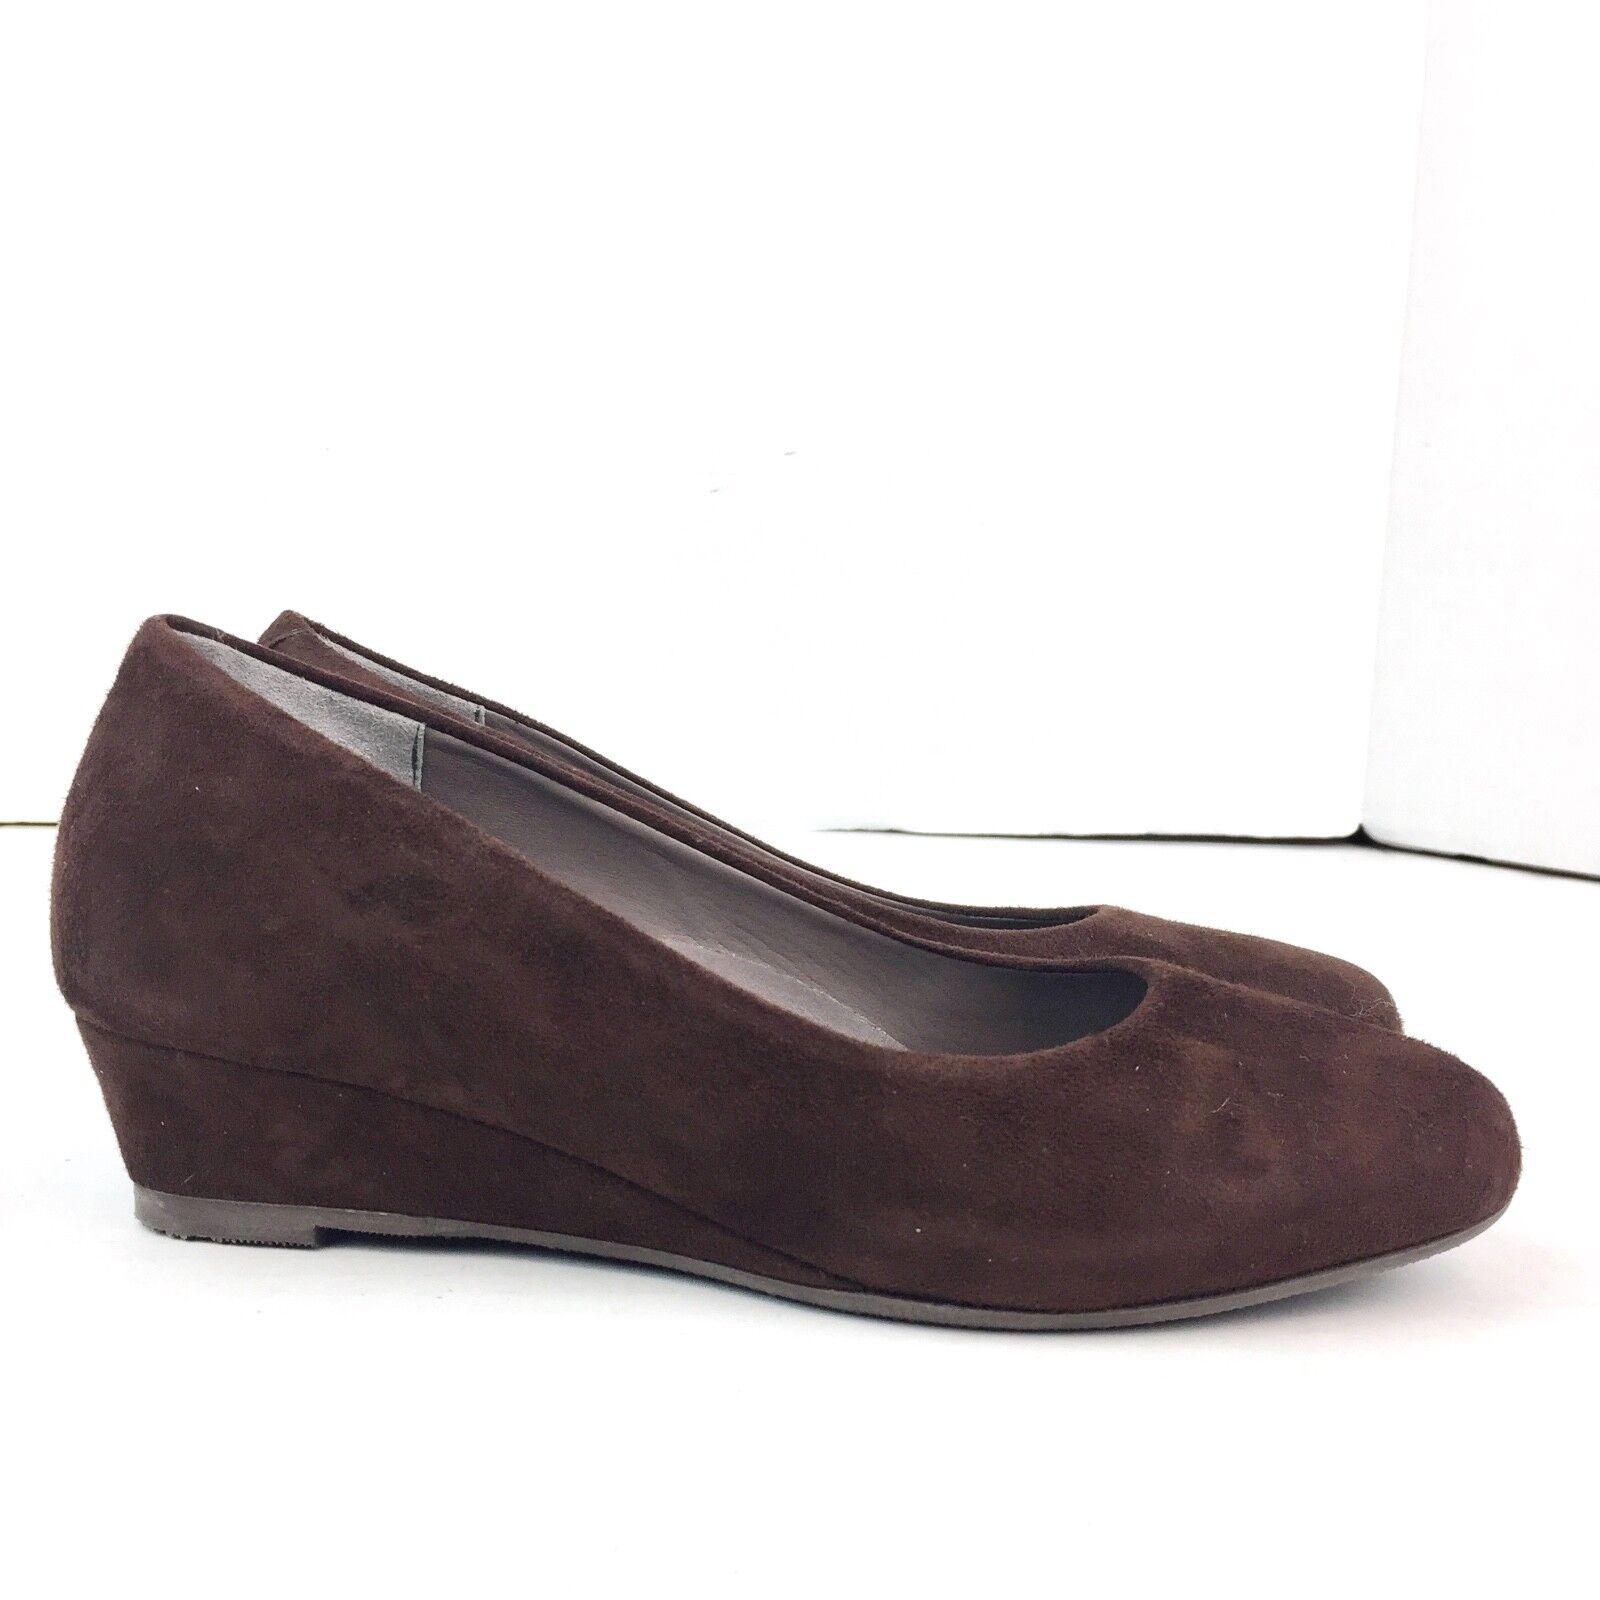 Prezzo al piano SAS Donna  Marrone Leather Suede Comfort Comfort Comfort Wedge Heels Dimensione 8.5M Made in   prezzo all'ingrosso